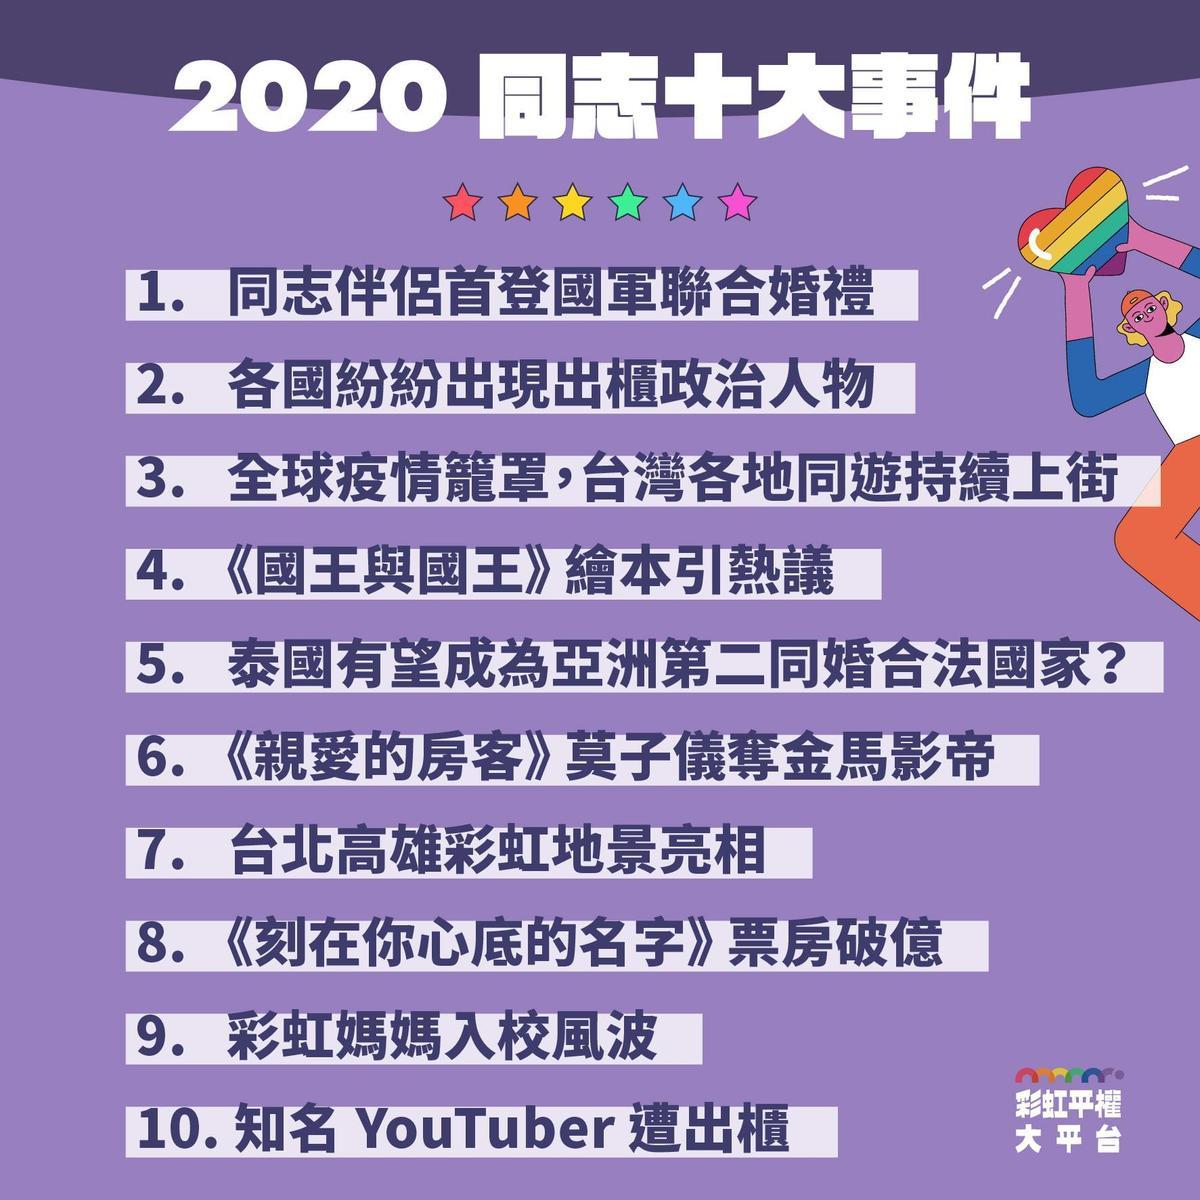 2020同志十大事件整理(翻攝自彩虹平權大平台)